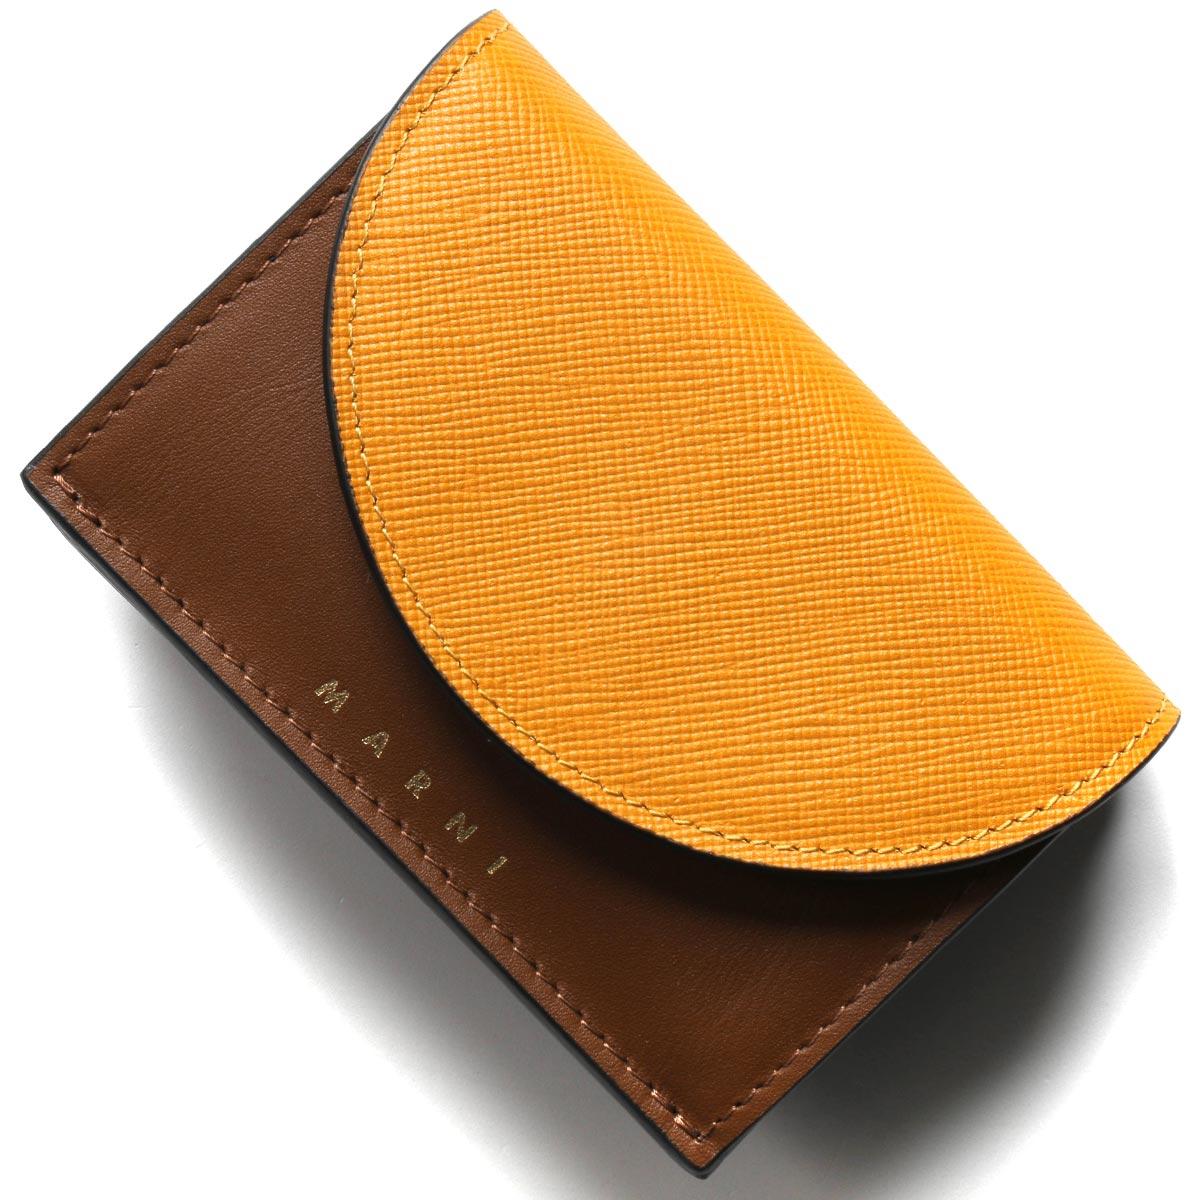 マルニ 三つ折り財布/ミニ財布 財布 レディース パンプキンイエロー&マロンブラウン&ブラック PFMO0001Q2 LV589 Z2G05 MARNI